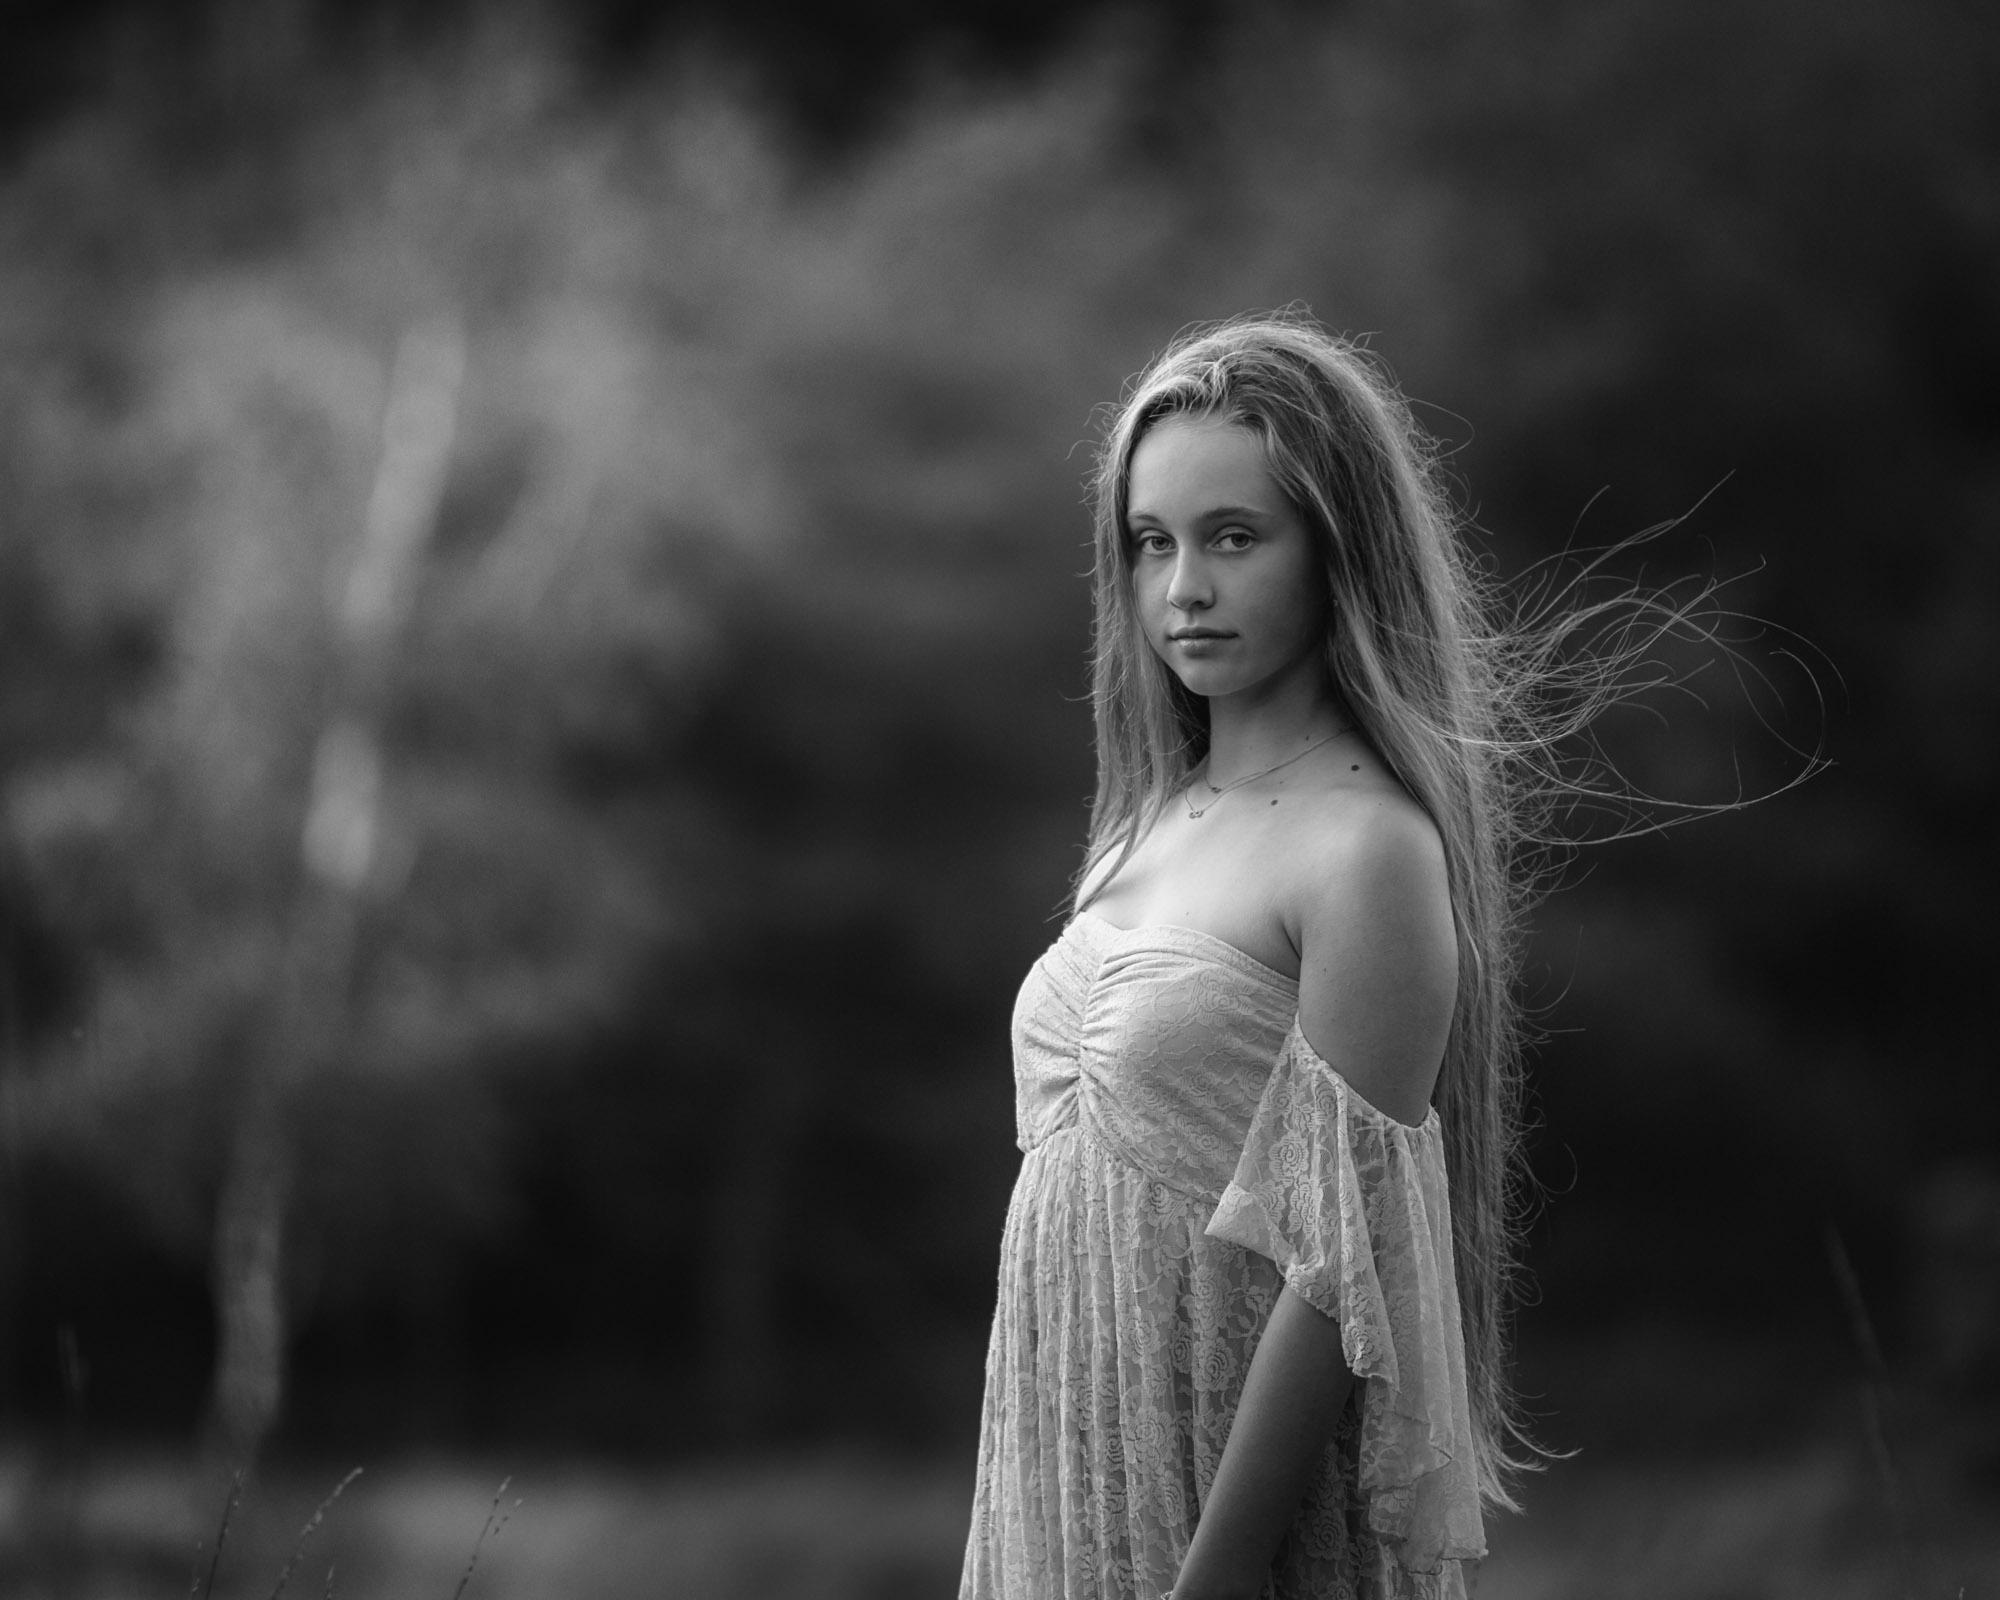 Tiener portretfotograaf in Amersfoort. Tienerportret door Mayra Fotografie. Romantisch zwart-wit portret. Fotograaf Amersfoort. Fotograaf Nijkerk. Fotograaf Hoevelaken.